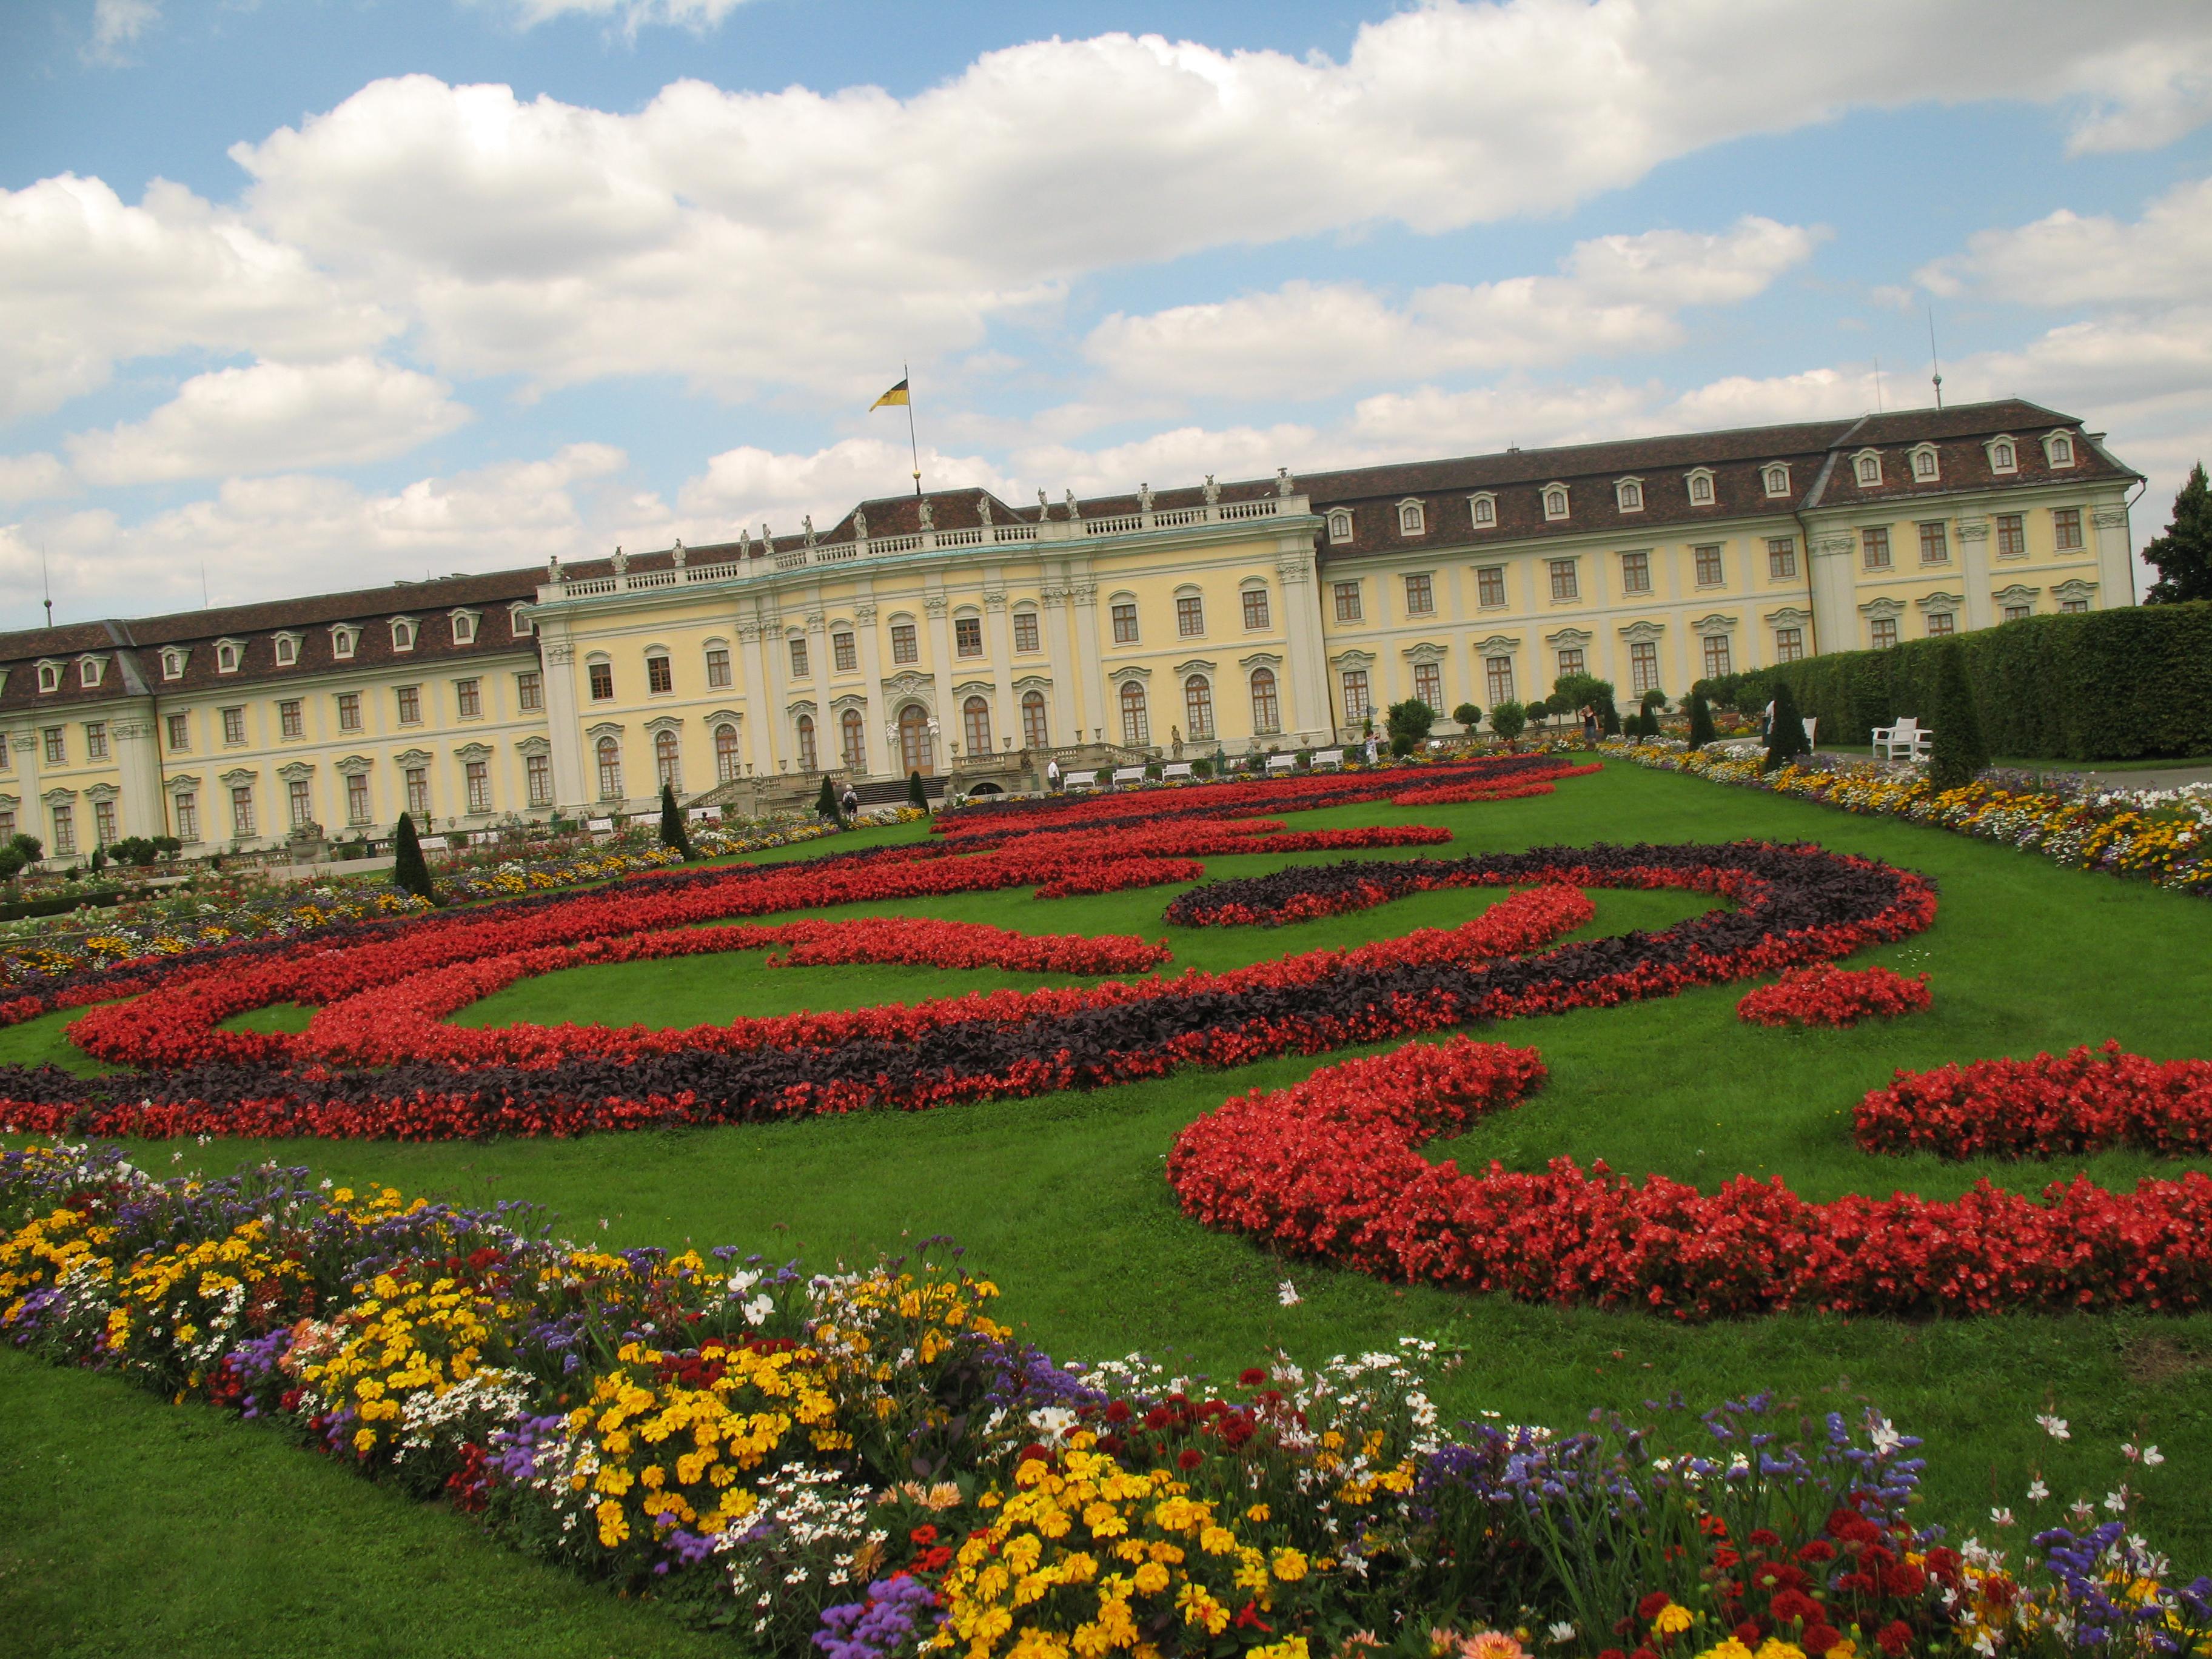 gradinile palatului